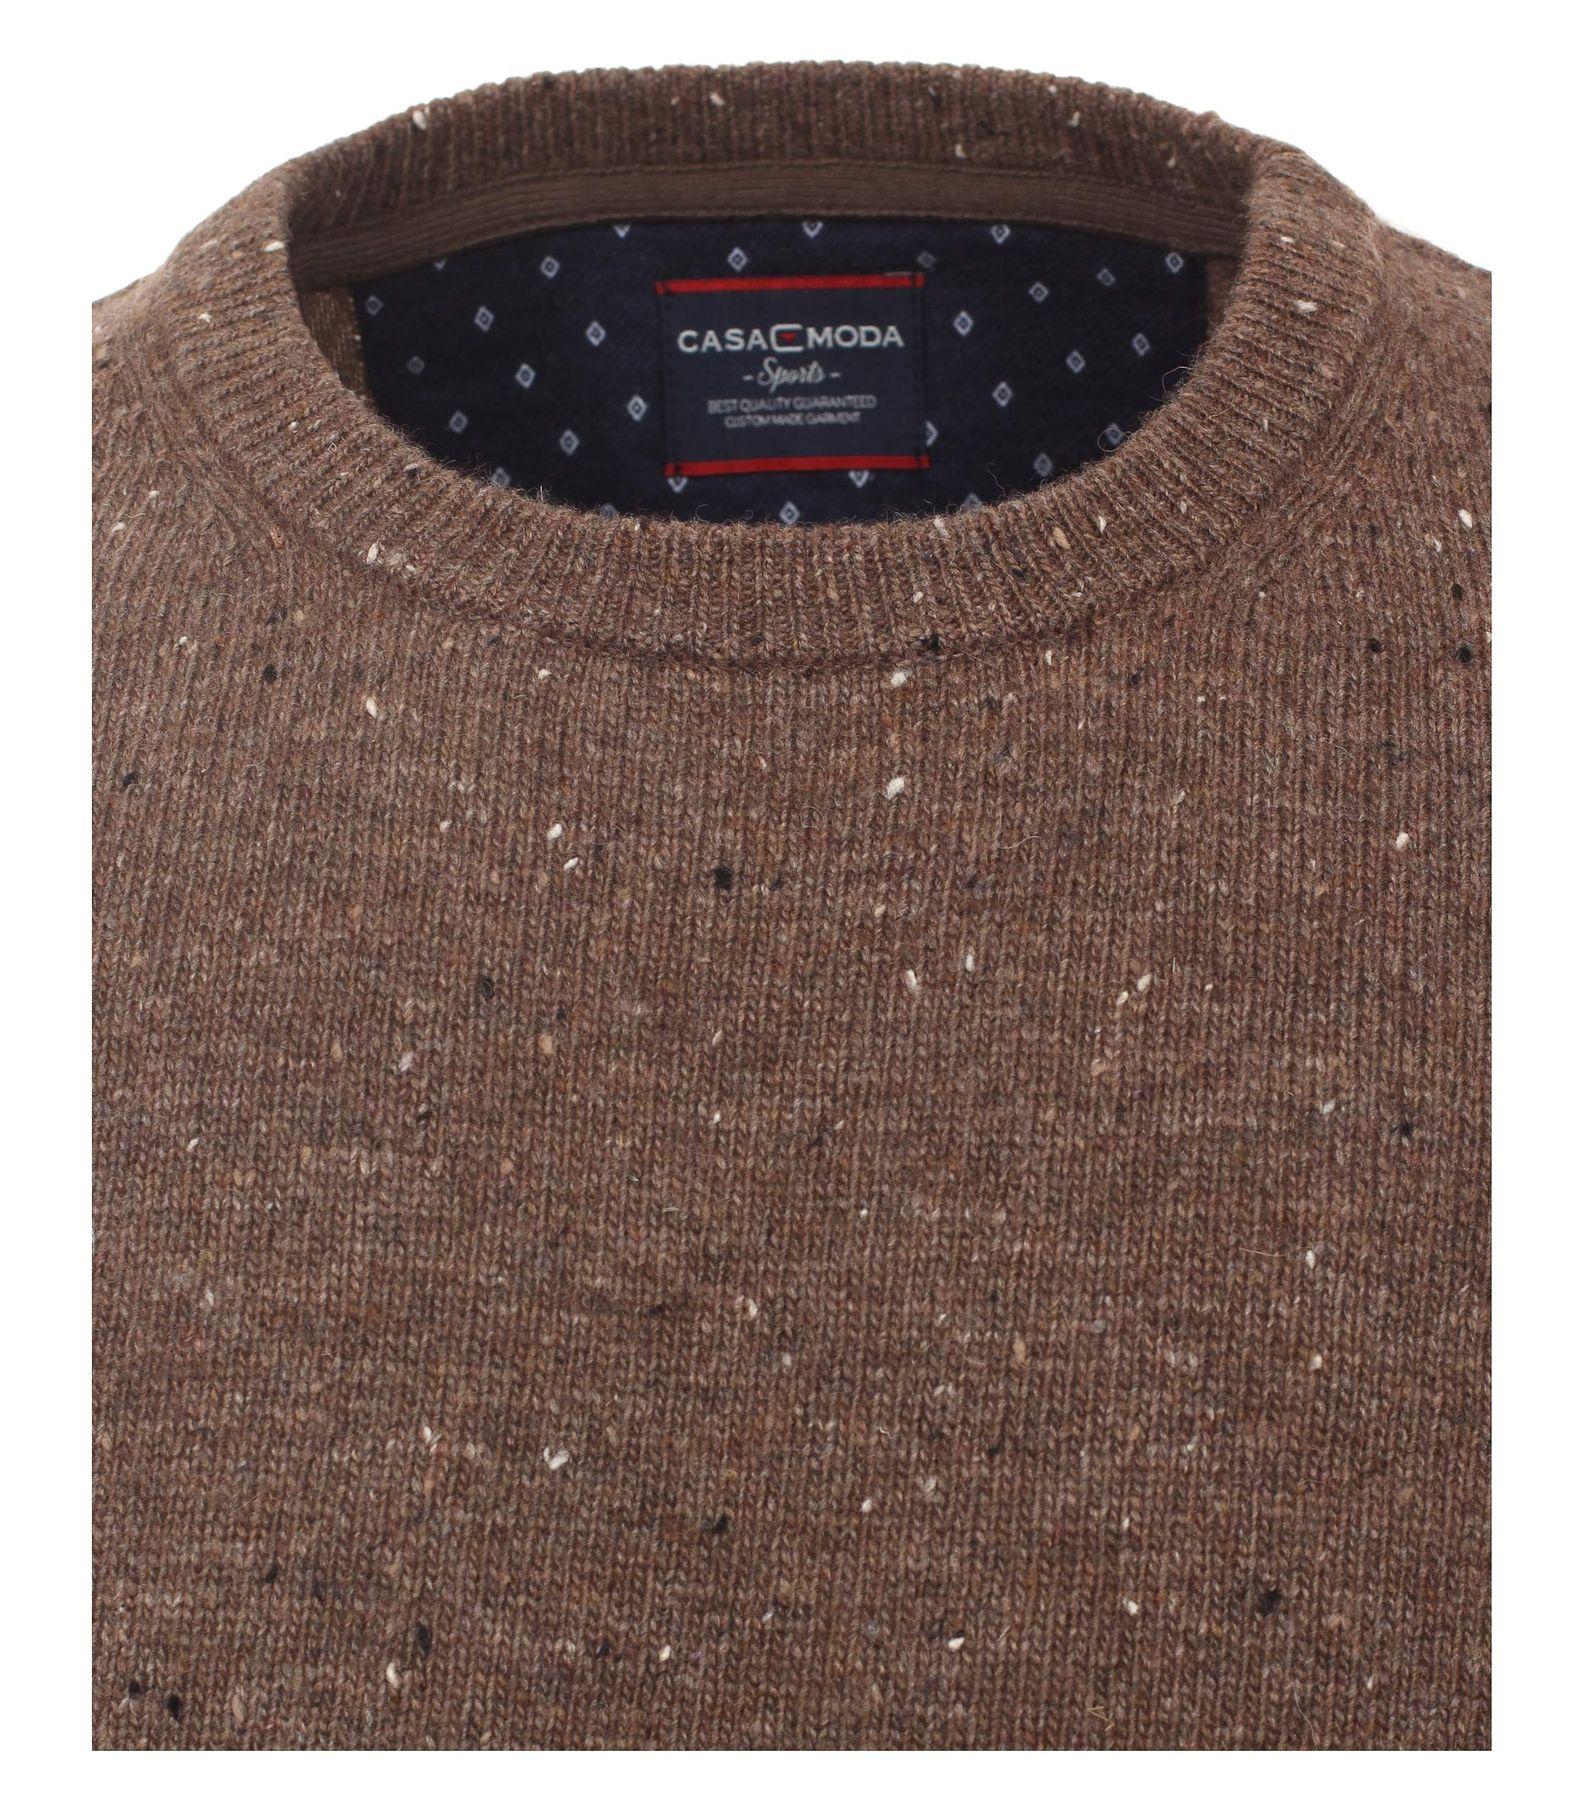 Casa Moda - Herren Pullover mit Rundhalsausschnitt in verschiedenen Farben (462536200A) – Bild 9